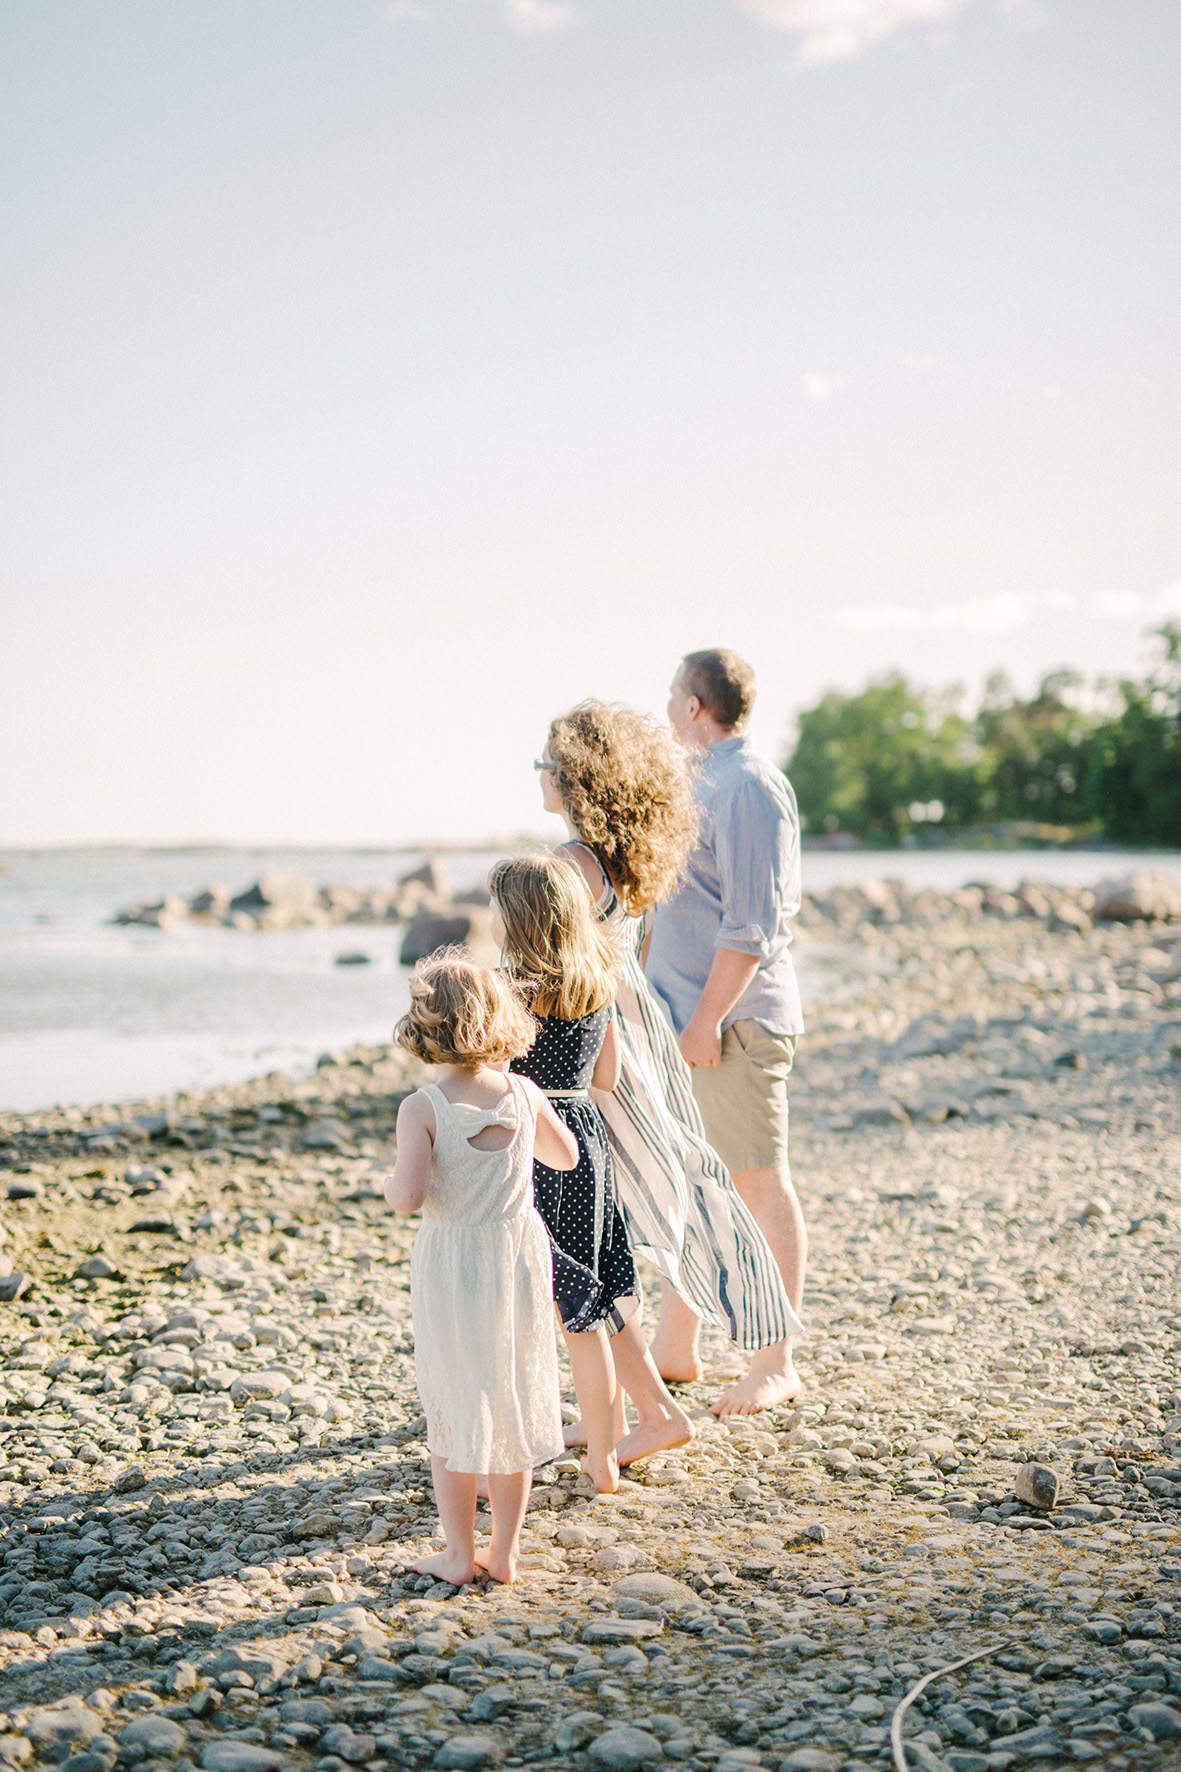 Family shoot at the beach in Lauttasaari, Helsinki